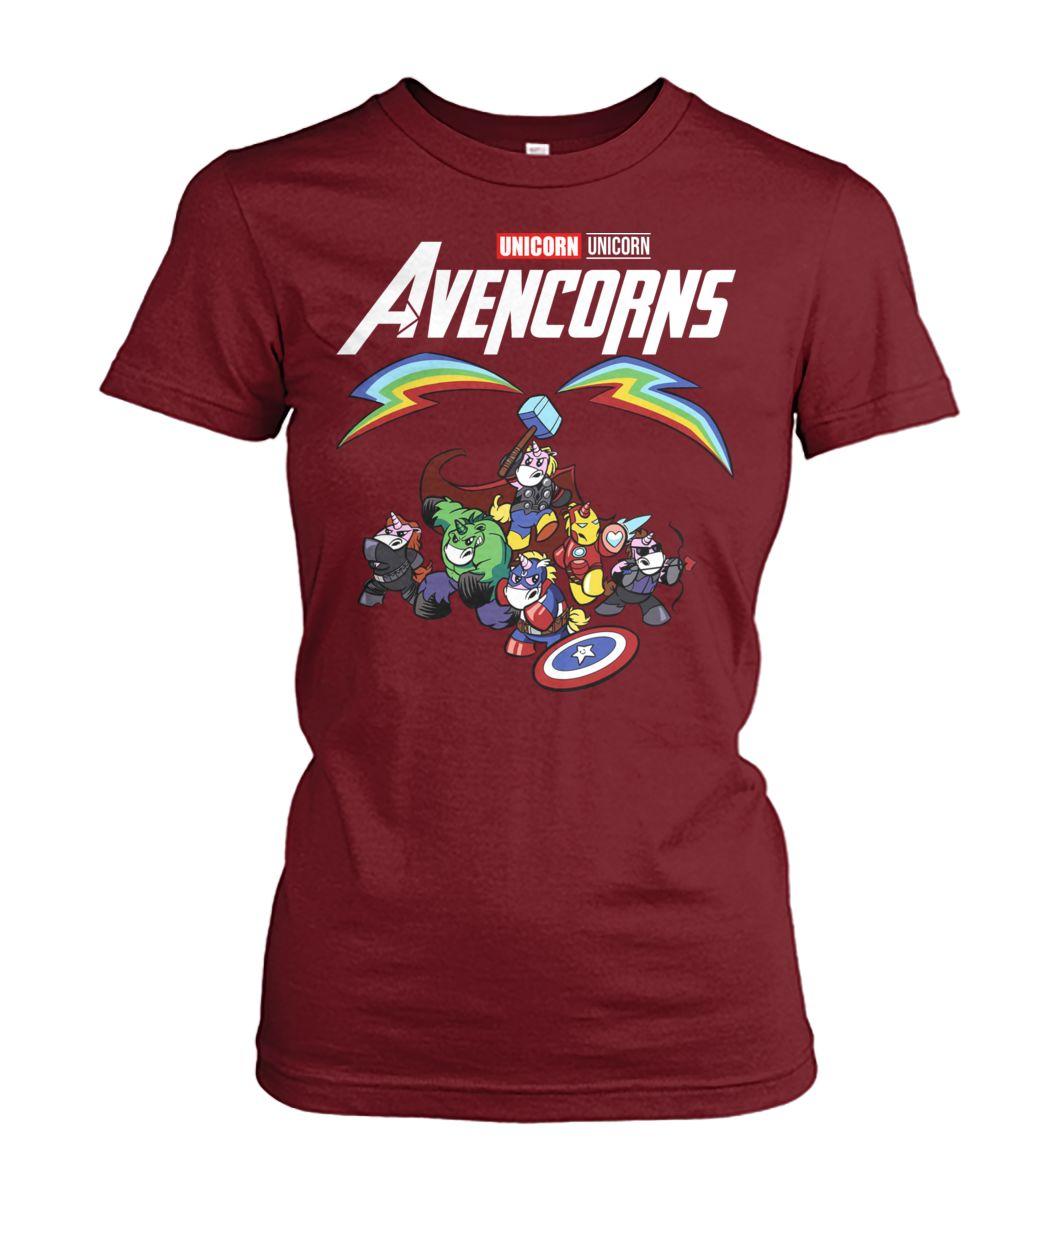 [Hot version] Marvel avengers endgame avencorns unicorn shirt